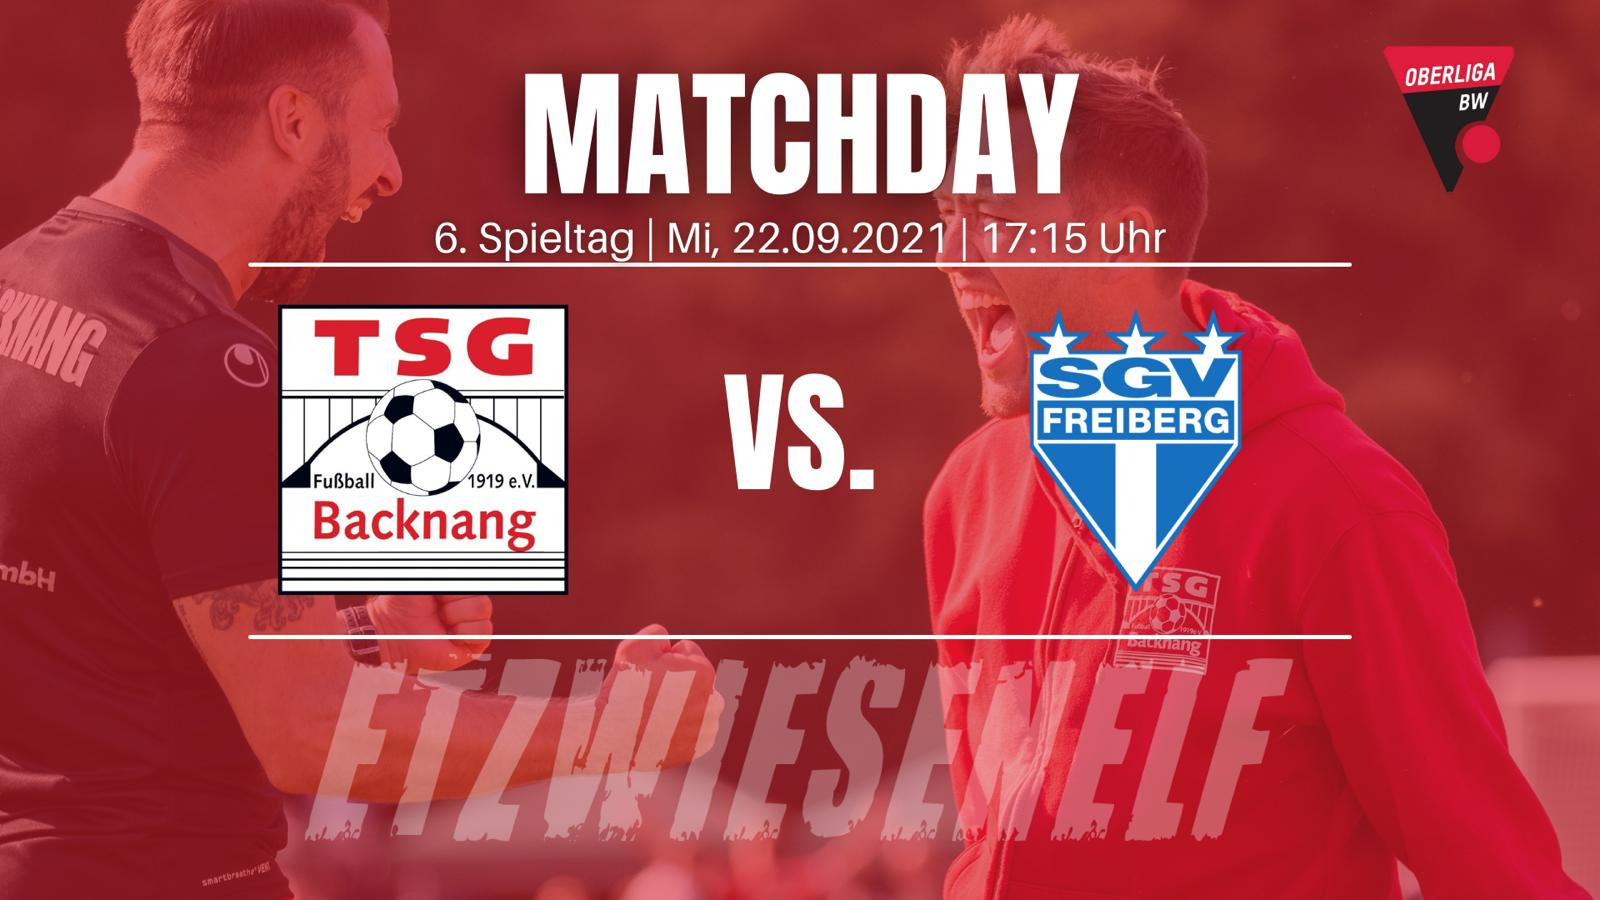 Nachholspiel gegen SGV Freiberg am 22.09.21